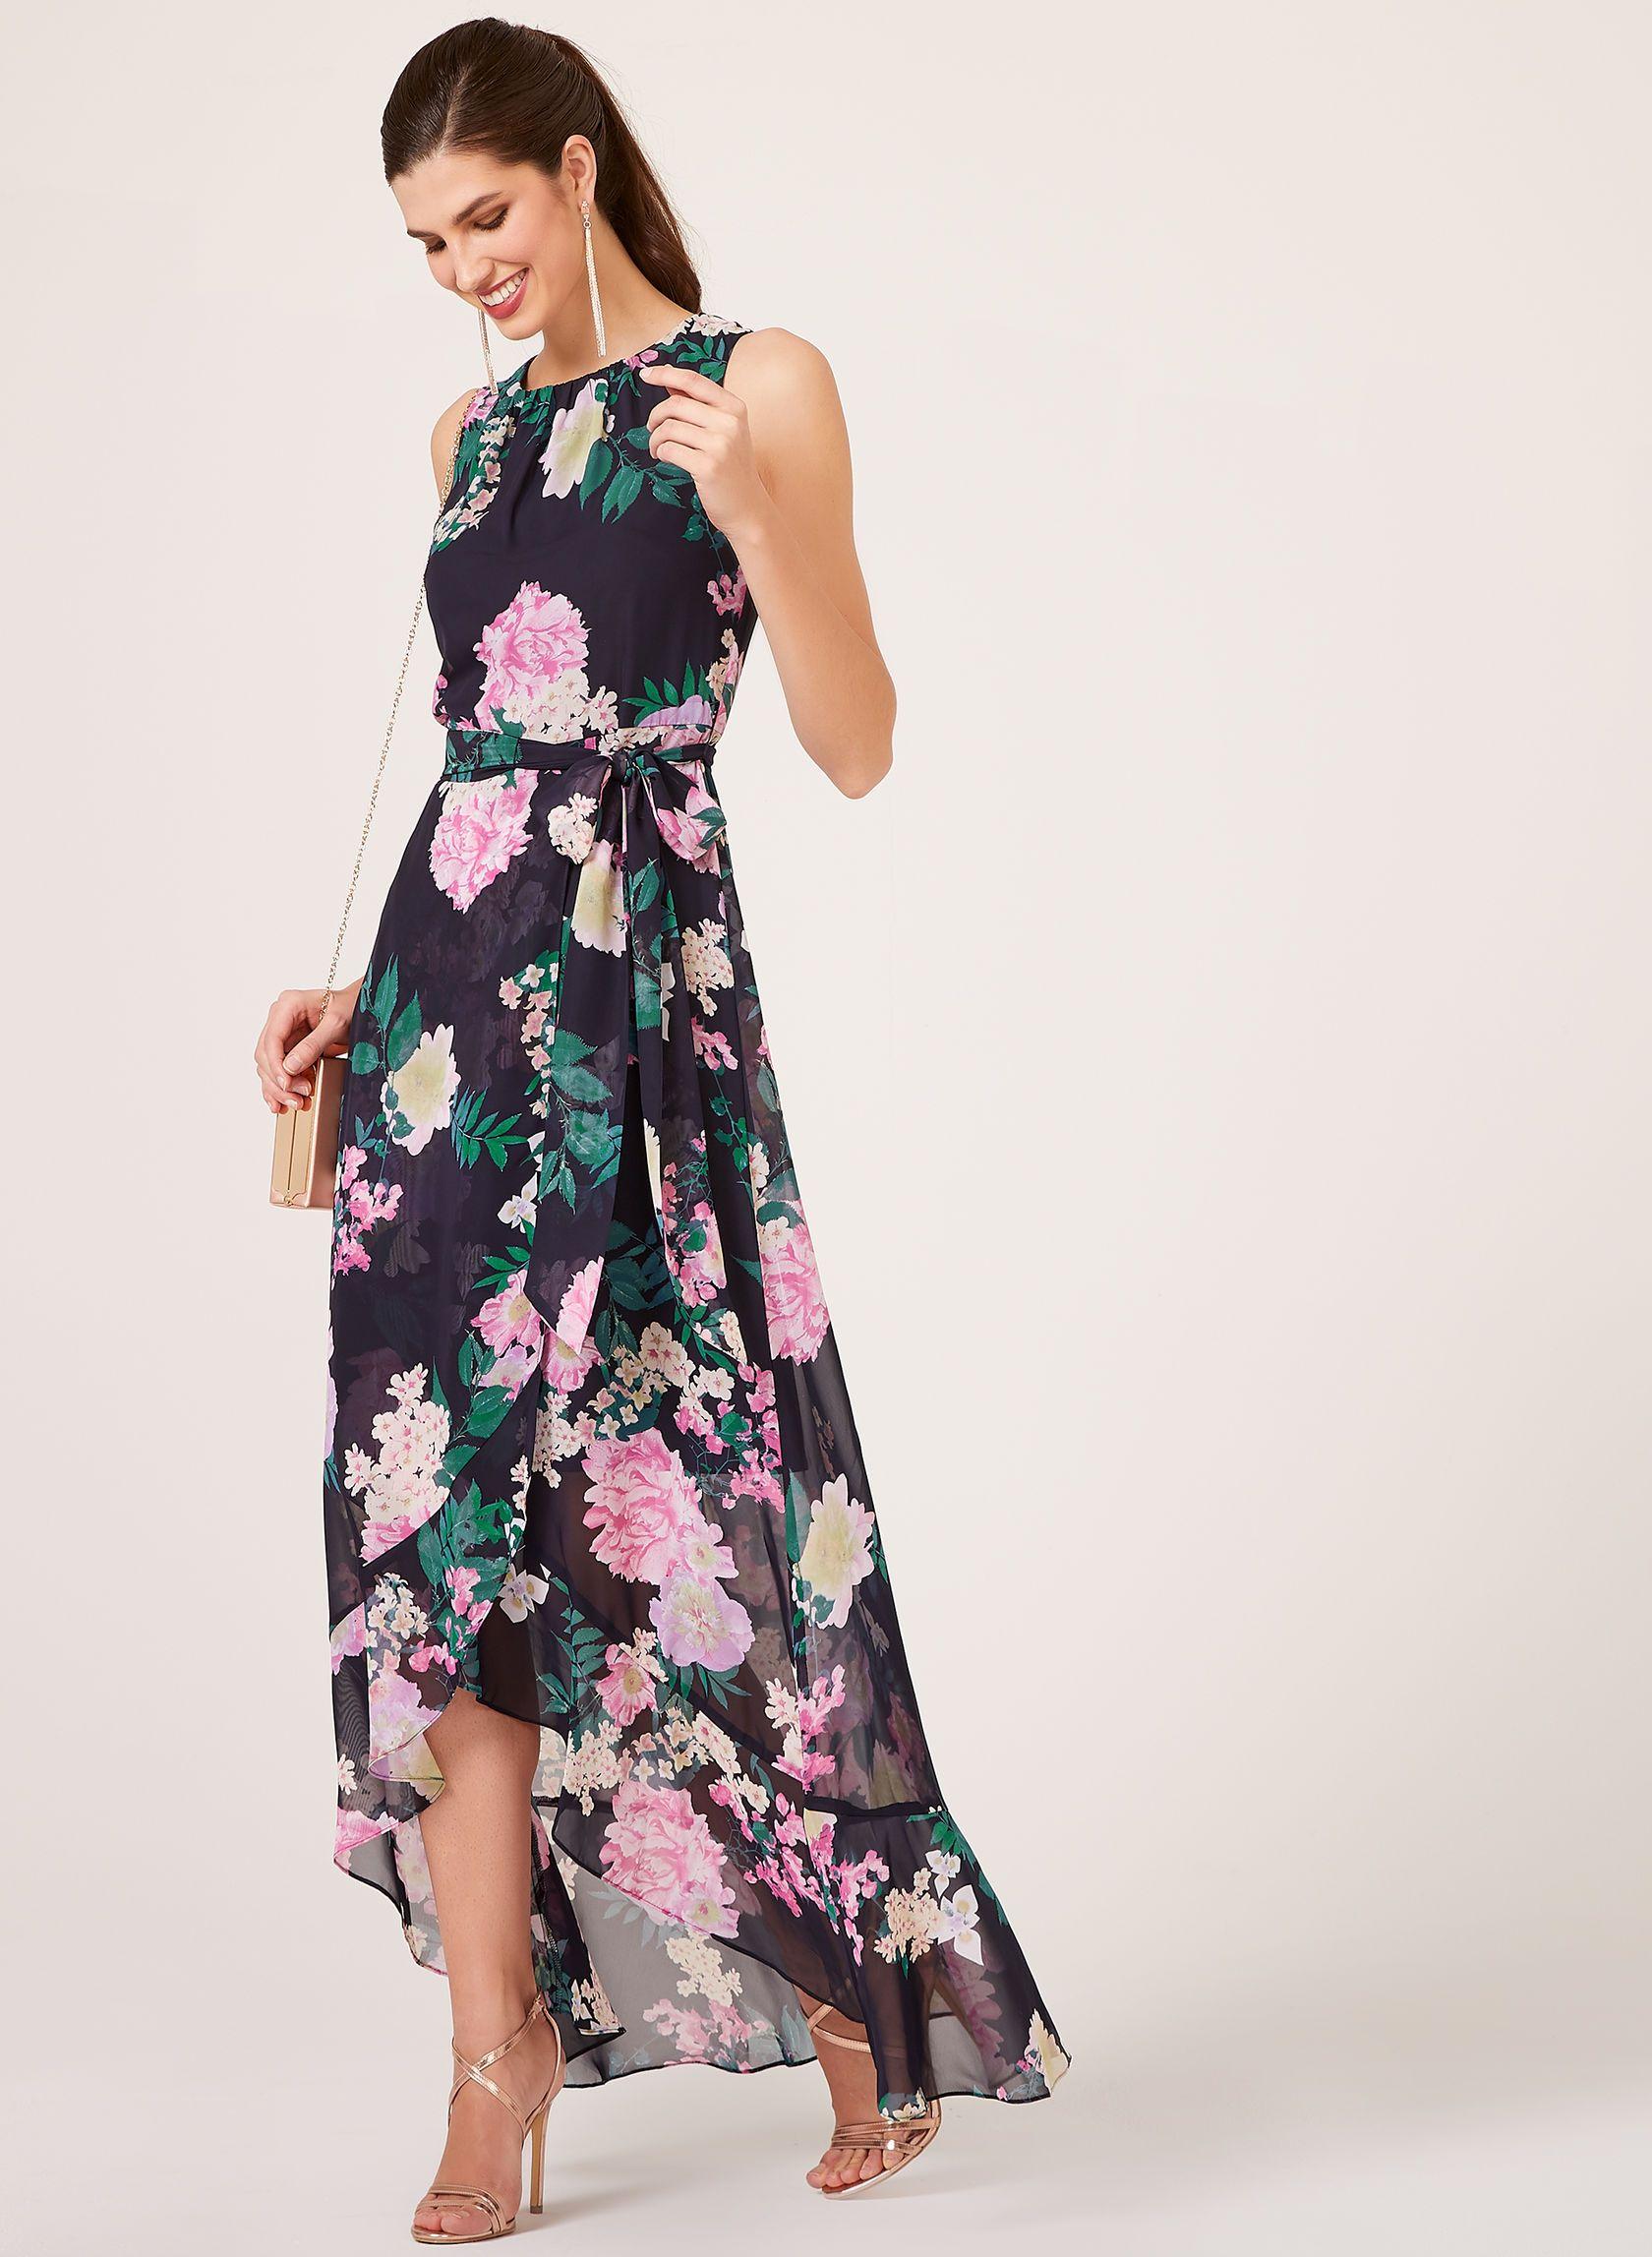 Floral print wedding dresses  Floral Print HighLow Dress Blue hires  Wedding Dresses for